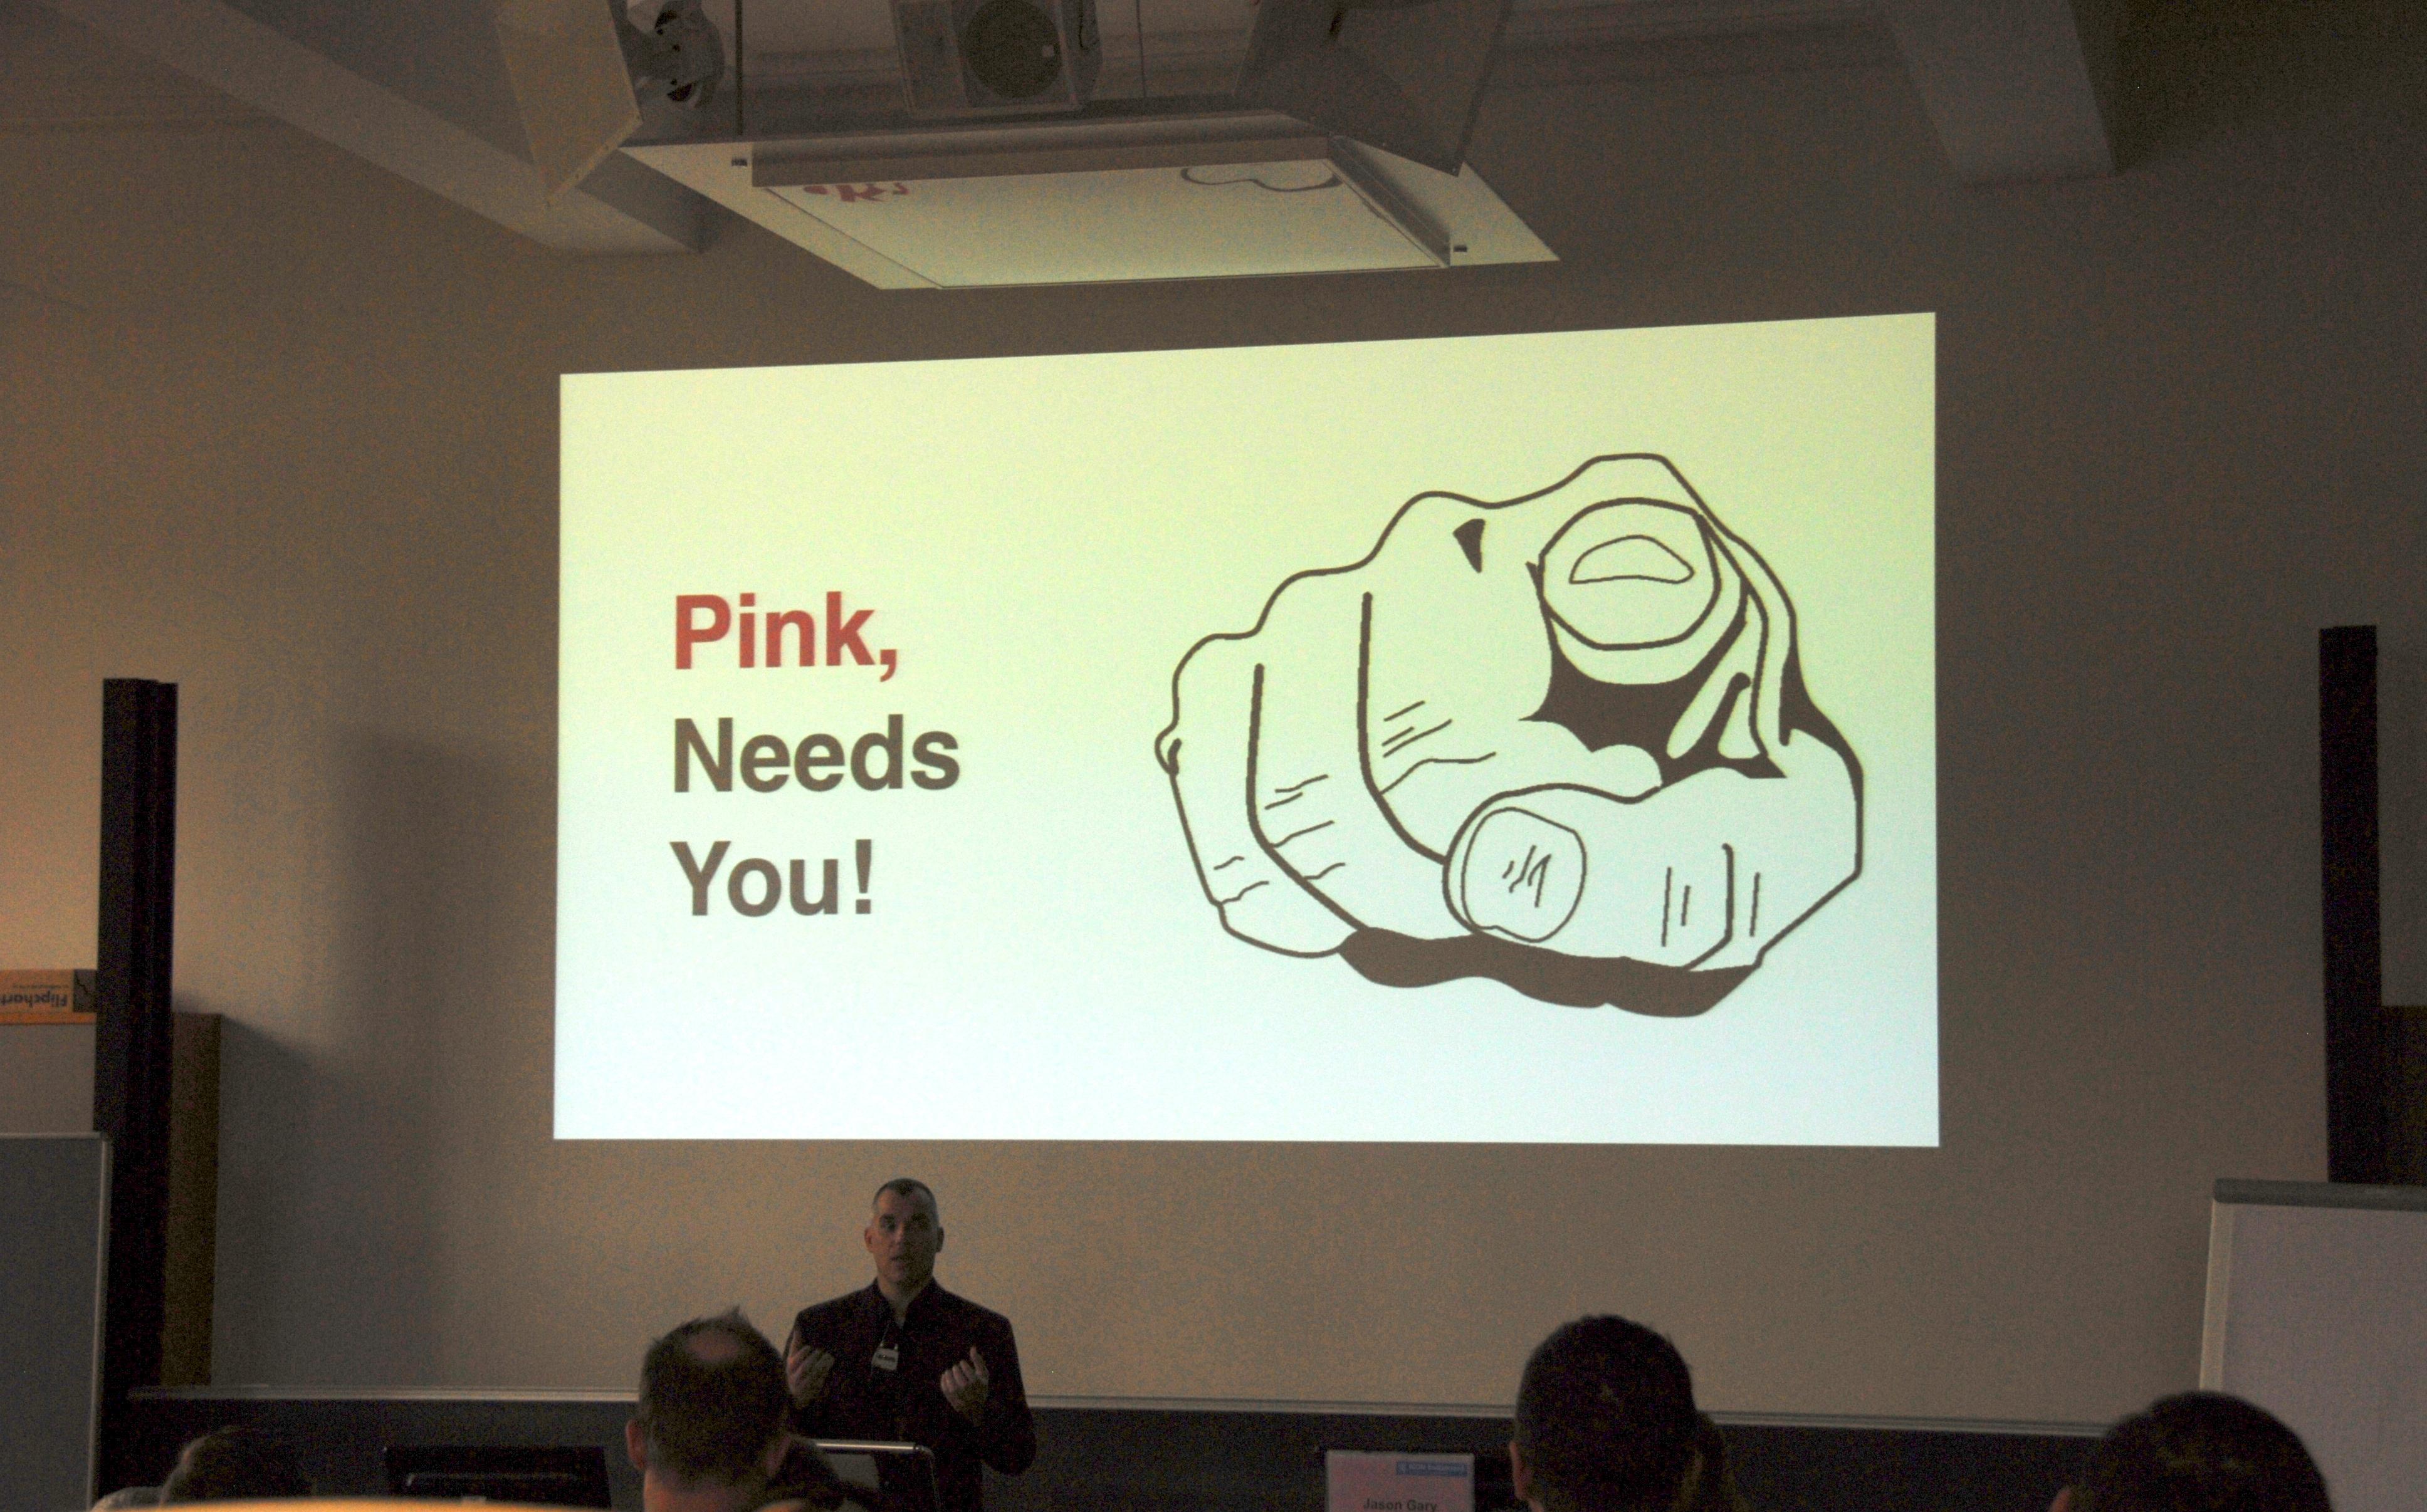 Pink needs you!